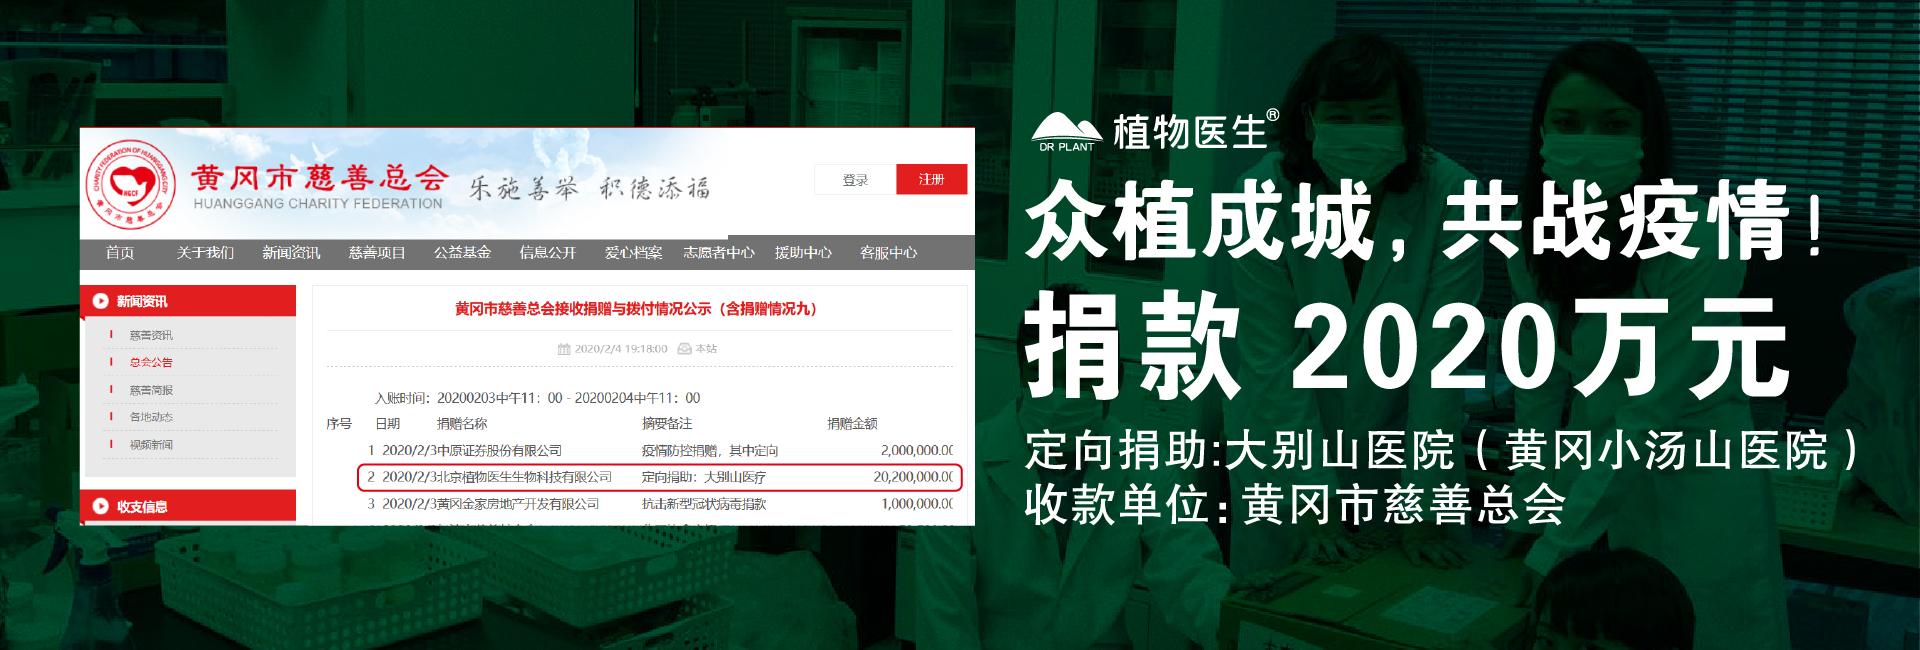 植物医生捐赠2020万元 成国内美妆企业最大一笔现金捐款